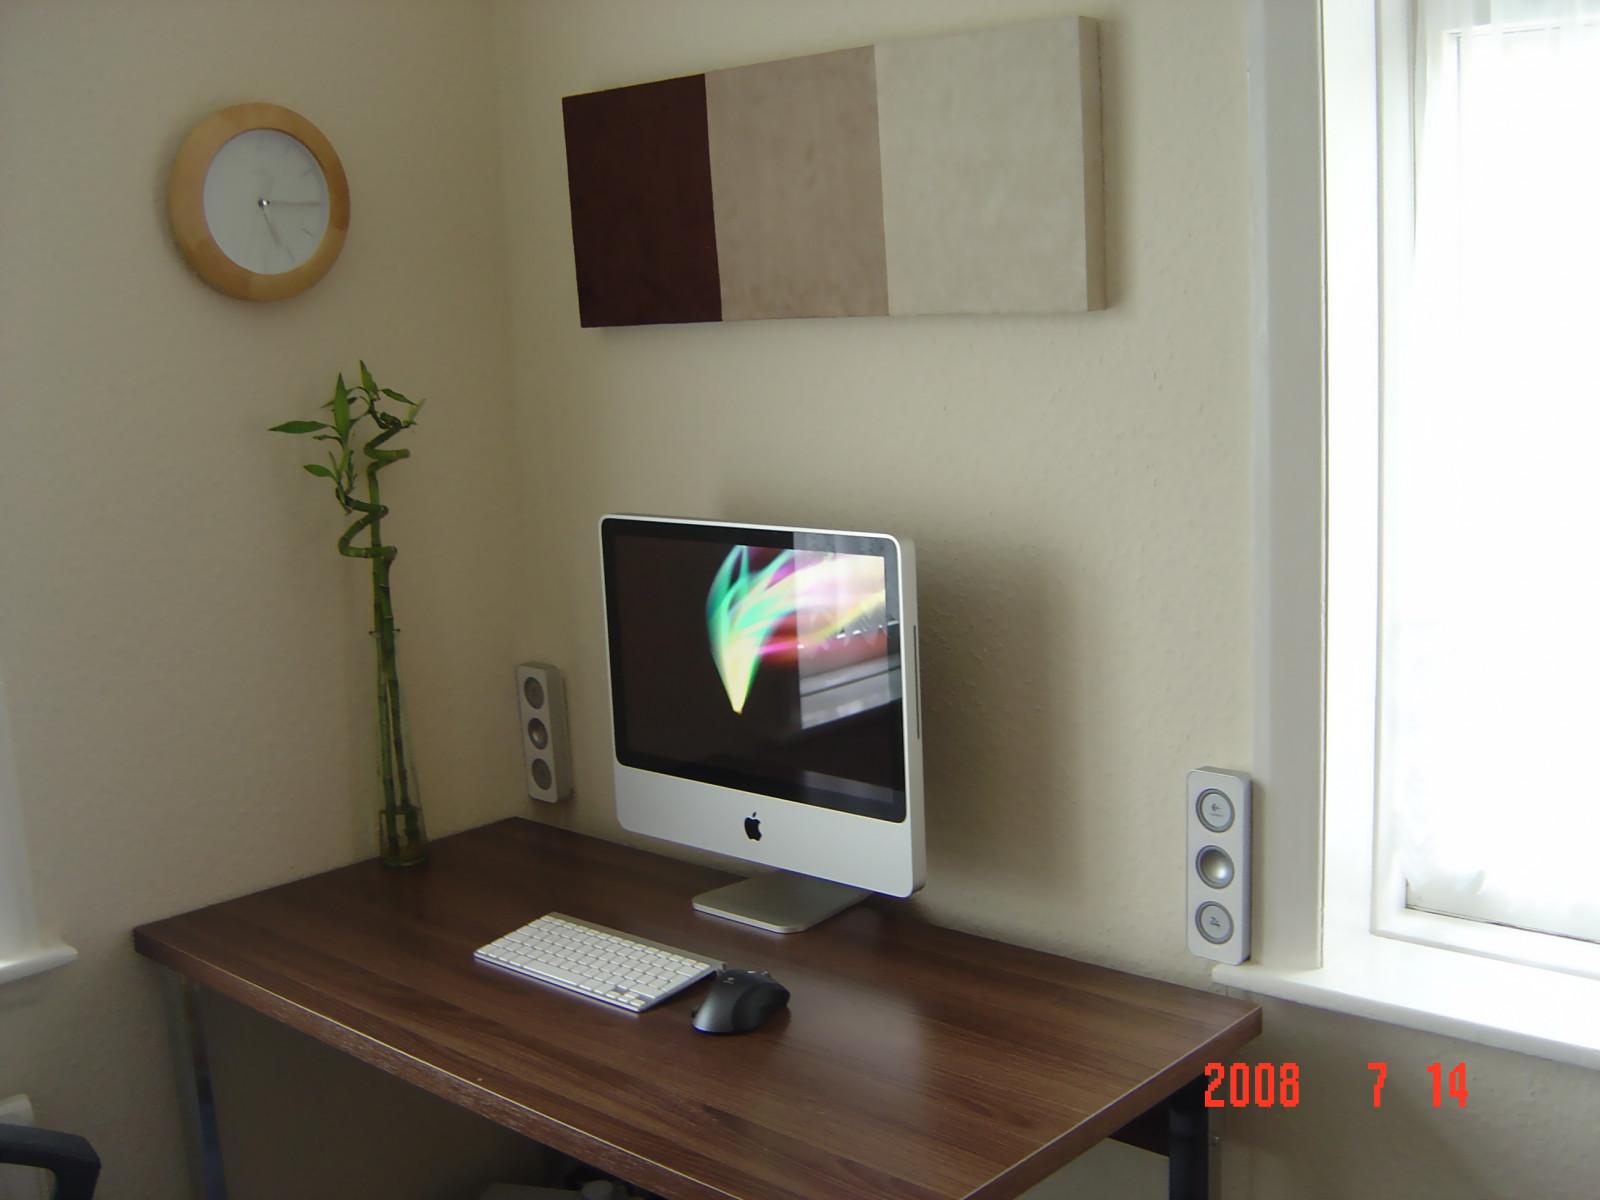 Fondos de pantalla mueble dispositivo de demostracion for Diseno de mesa de computadora